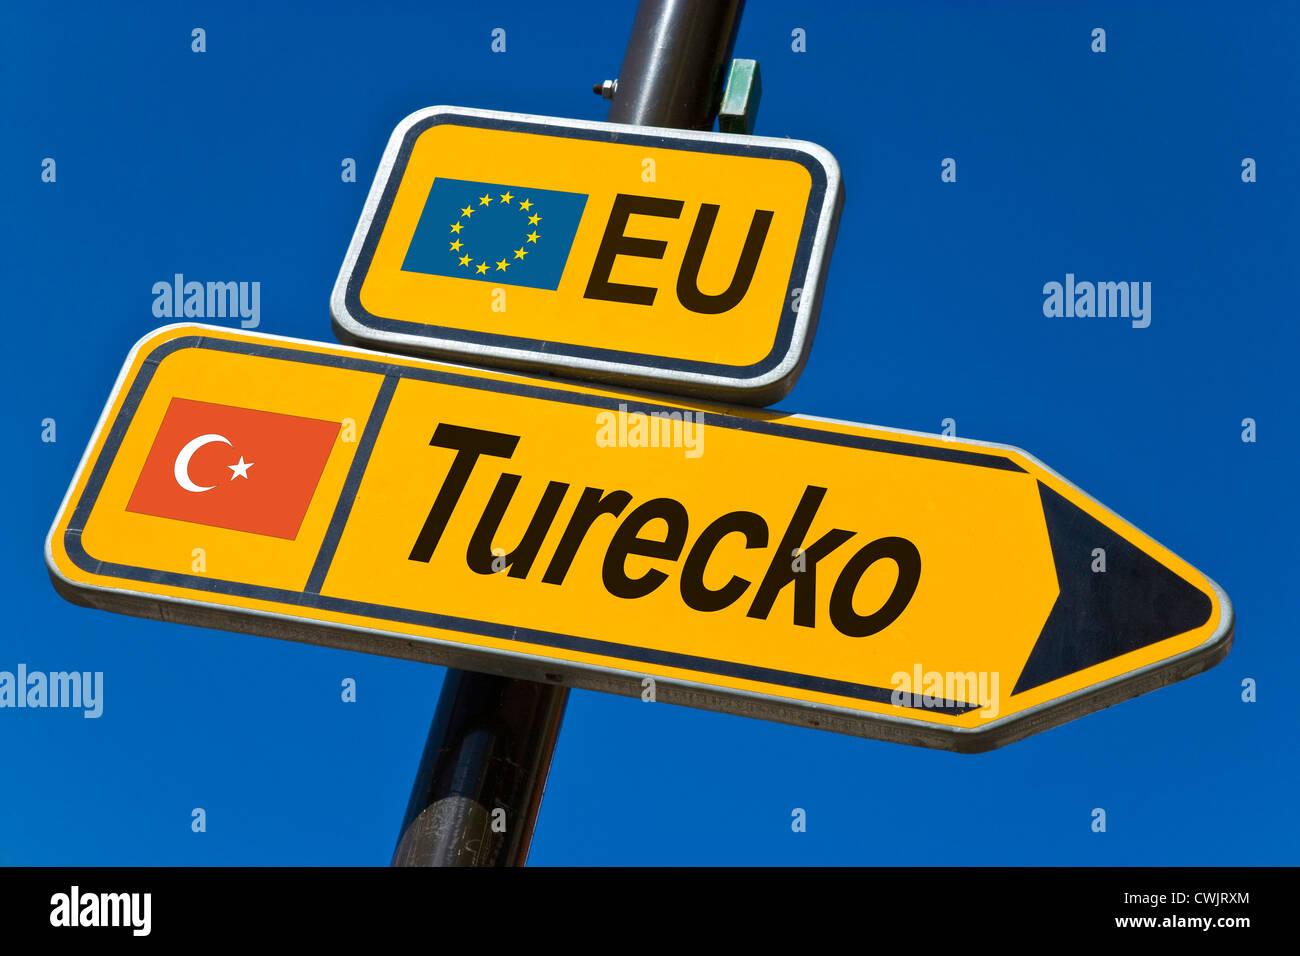 EU - Estado candidato a la adhesión 2010 - Turquía Imagen De Stock